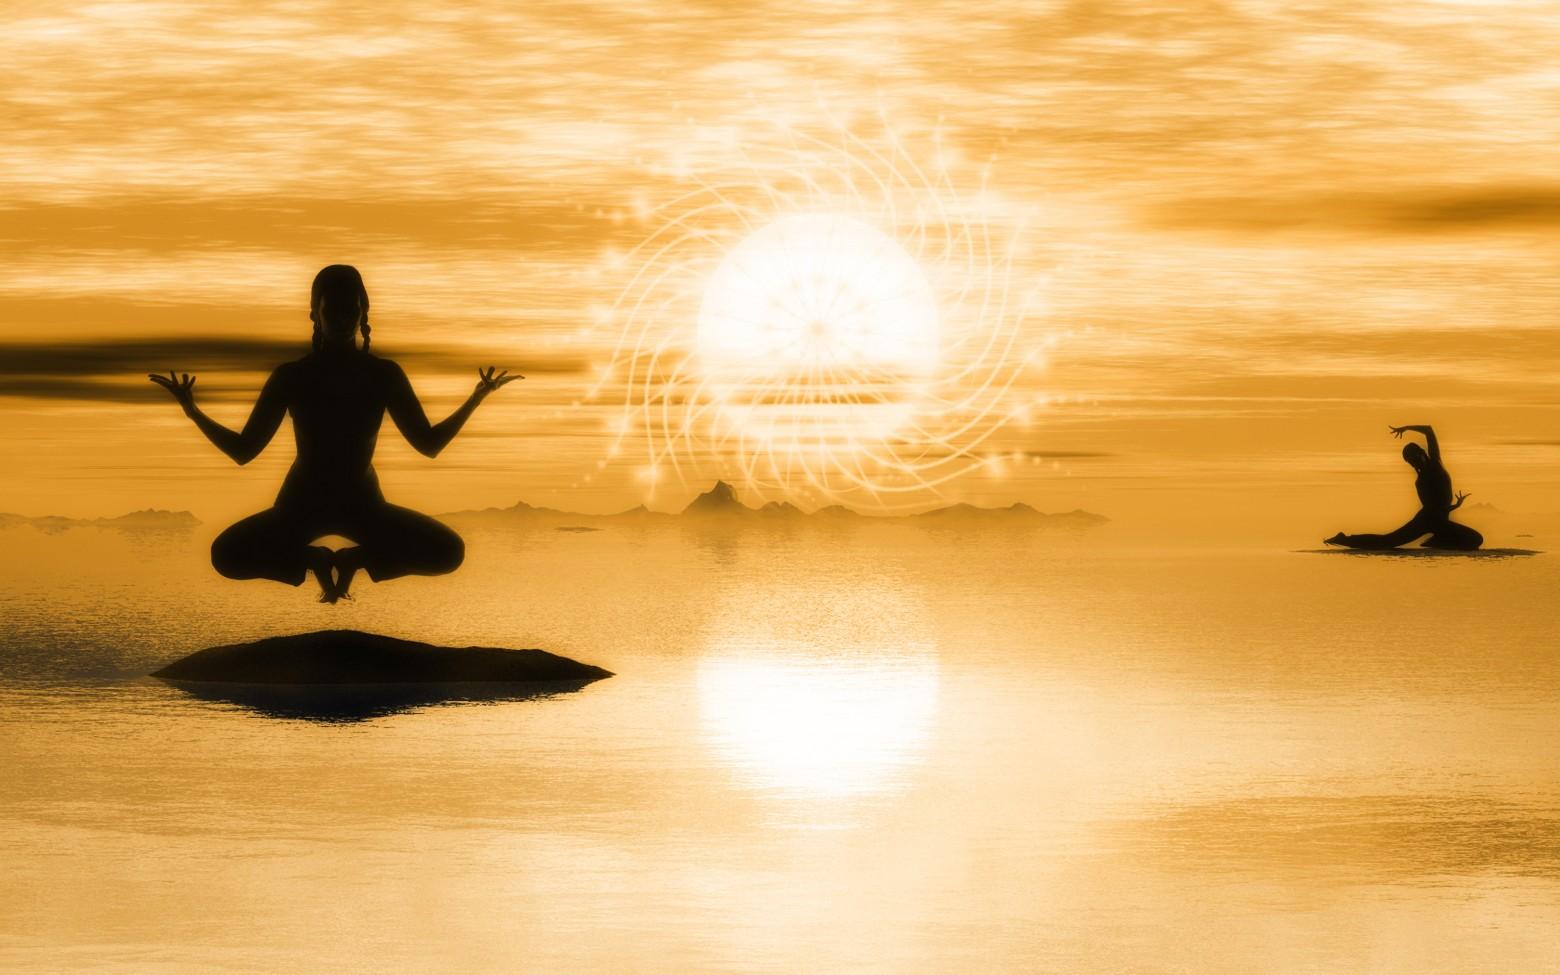 zen-photo-gratuite-libre-de-droit-domaine-public-1560x975